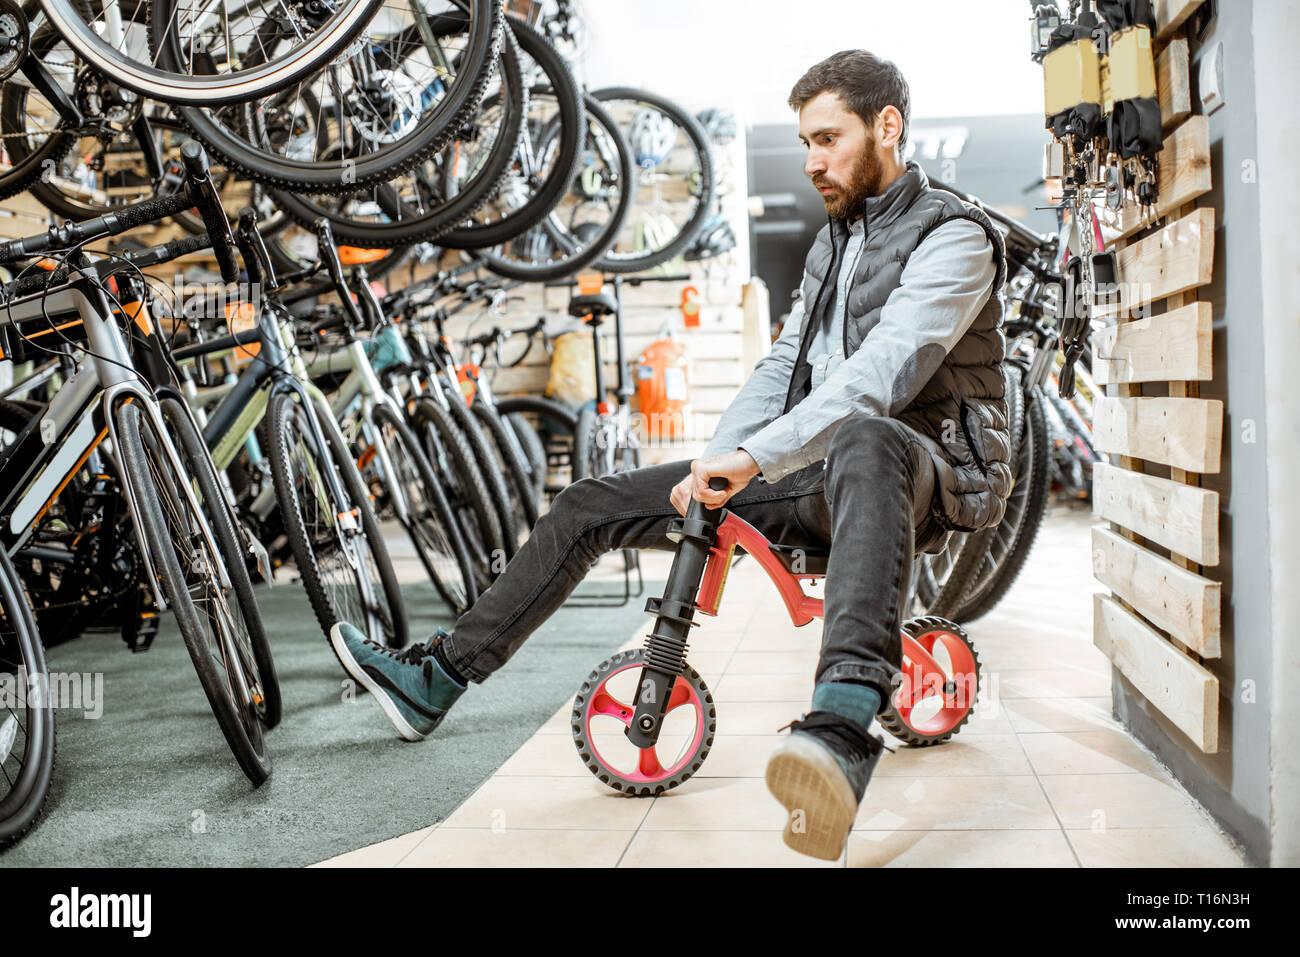 Divertente ritratto di un uomo a cavallo per bambini in bicicletta il negozio di biciclette e attrezzature sportive Foto Stock